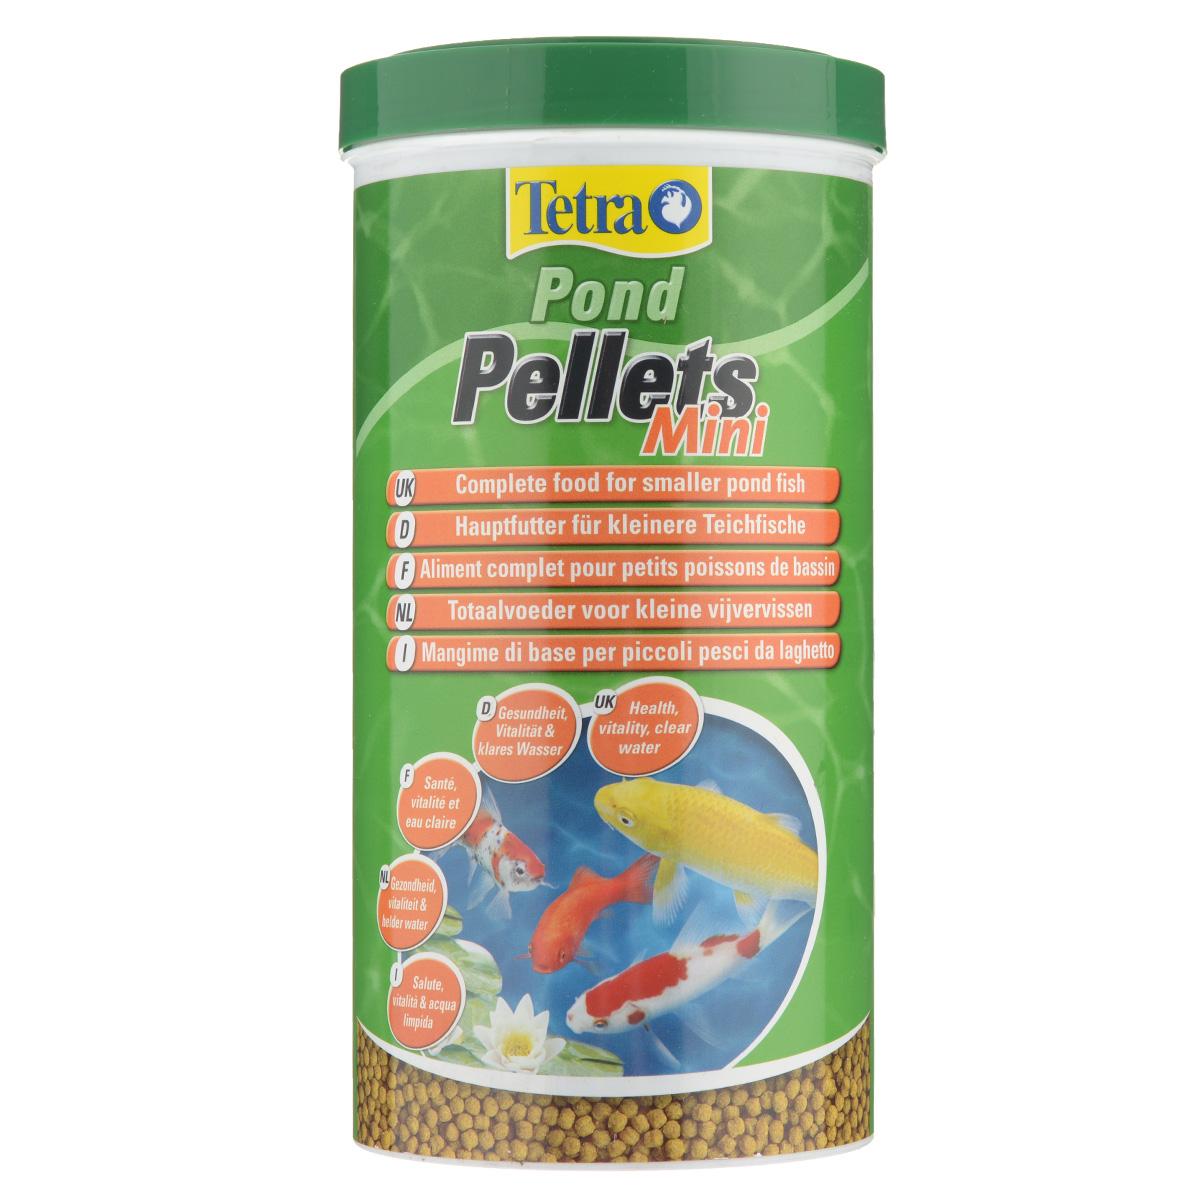 Корм сухой Tetra Pond Pellets Mini для всех видов прудовых рыб, в виде шариков, 1 л193826Корм Tetra Pond Pellets Mini - это идеальный корм в виде шариков для всех видов прудовых рыб длиной до 20 см. Обеспечивает полноценное и сбалансированное питание. быстро размягчается в воде и легко переваривается рыбами, обеспечивает небольшое количество отходов и не загрязняет воду. Рекомендации по кормлению: кормите не менее 2-3 раз в день в таком количестве, которое ваши рыбы могут съесть в течение нескольких минут. Характеристики: Состав: зерновые культуры, экстракты растительного белка, растительные продукты, рыба и побочные рыбные продукты, дрожжи, масла и жиры, водоросли, минеральные вещества. Пищевая ценность: сырой белок - 28%, сырые масла и жиры - 3.5%, сырая клетчатка - 2%, влага - 7%. Добавки: витамины, провитамины и химические вещества с аналогичным воздействием, витамин А 28800 МЕ/кг, витамин Д3 1800 МЕ/кг. Комбинации элементов: Е5 Марганец 74 мг/кг, Е6 Цинк 44 мг/кг, Е1 Железо 29 мг/кг, Е3 Кобальт 0,5 мг/кг. Красители, антиоксиданты. Вес: 1000 мл (260 г).